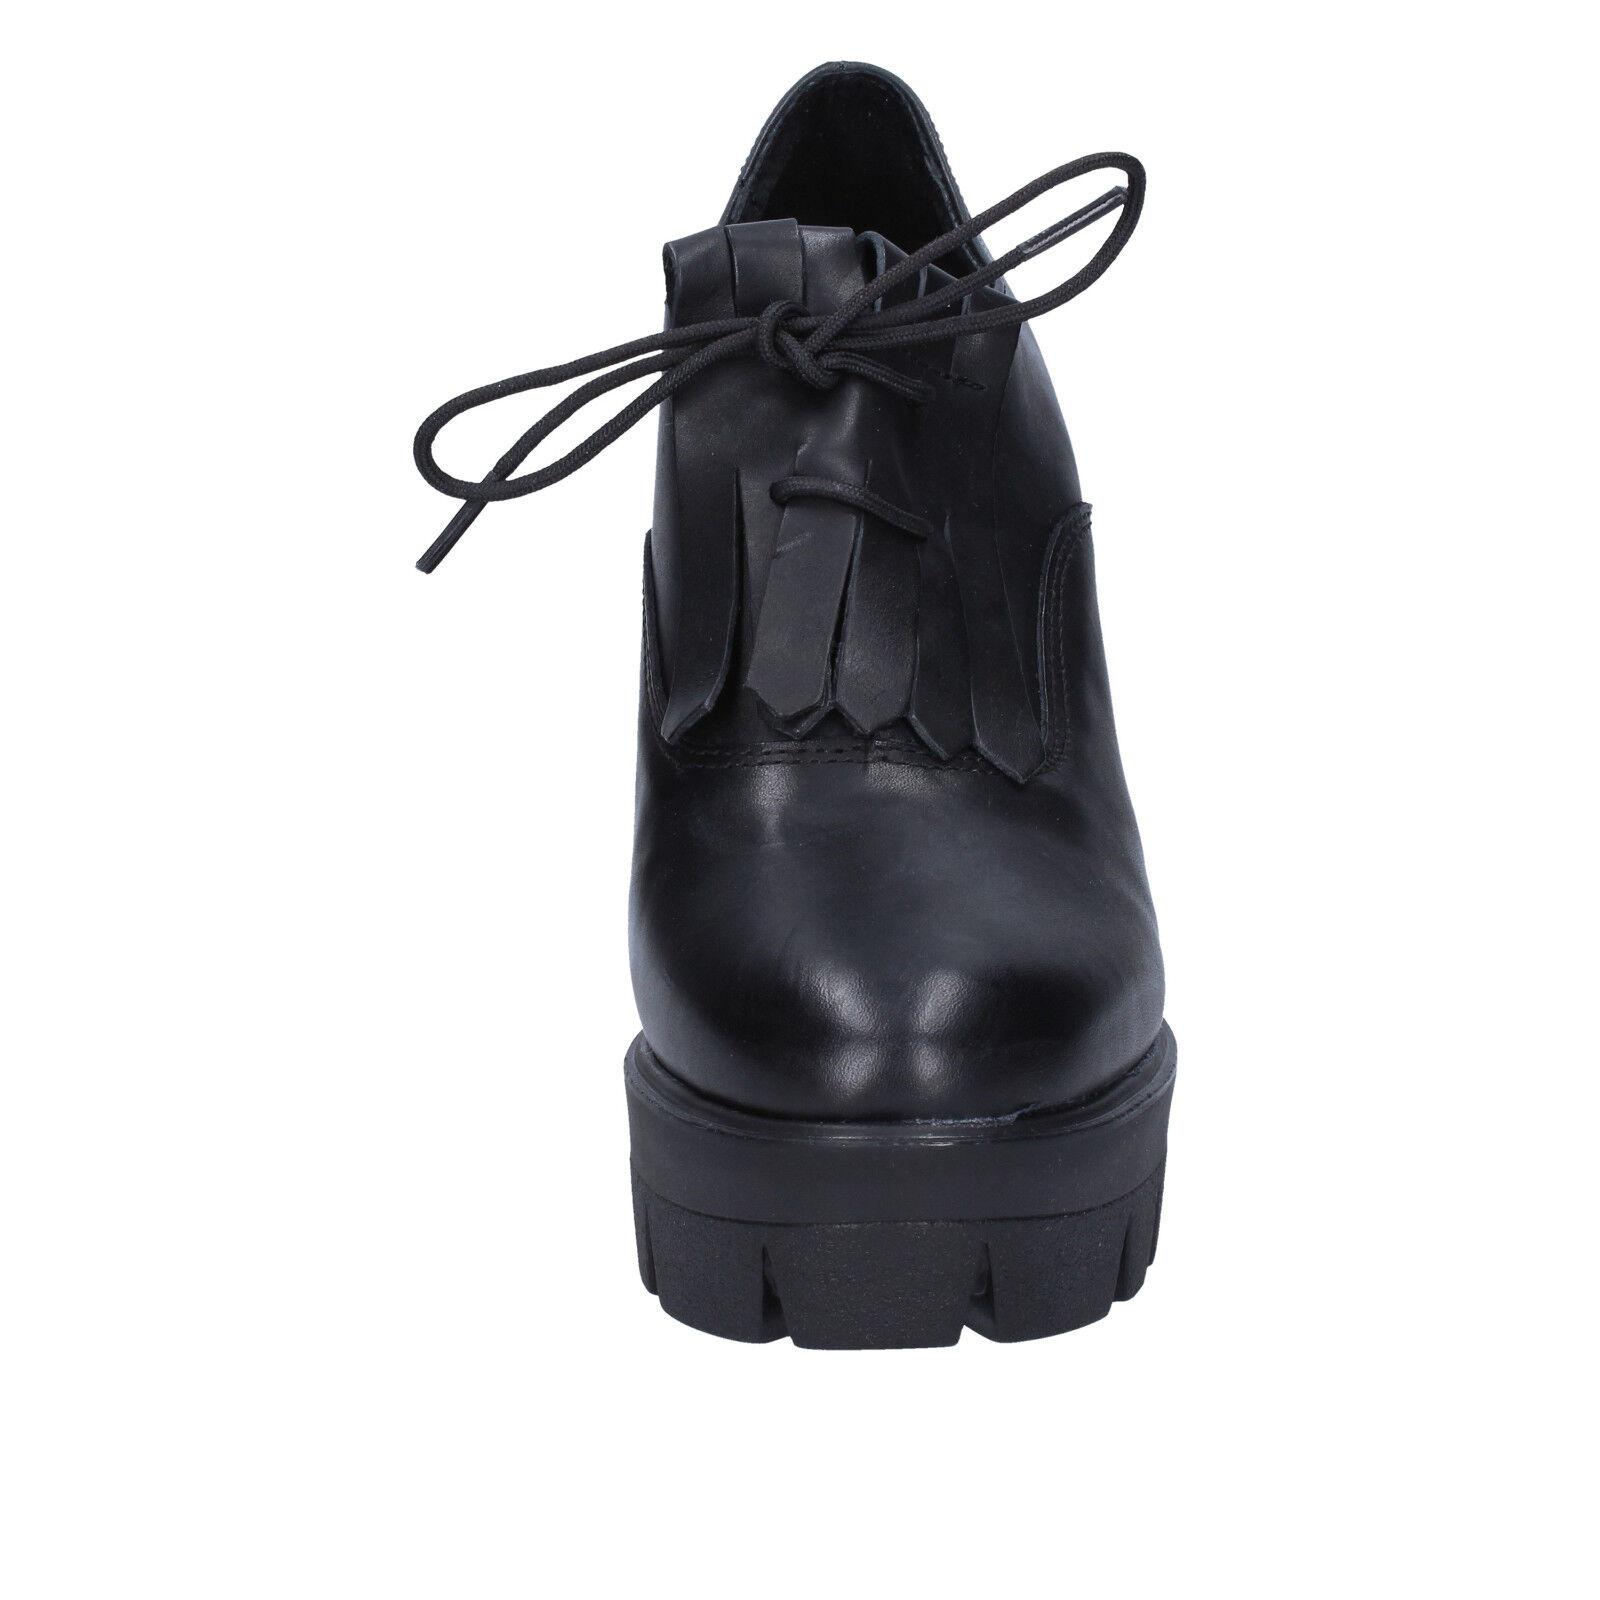 Zapatos mujer para mujer Zapatos J.K. ácido 6  Botas al tobillo cuero negro BX75639 cd8743